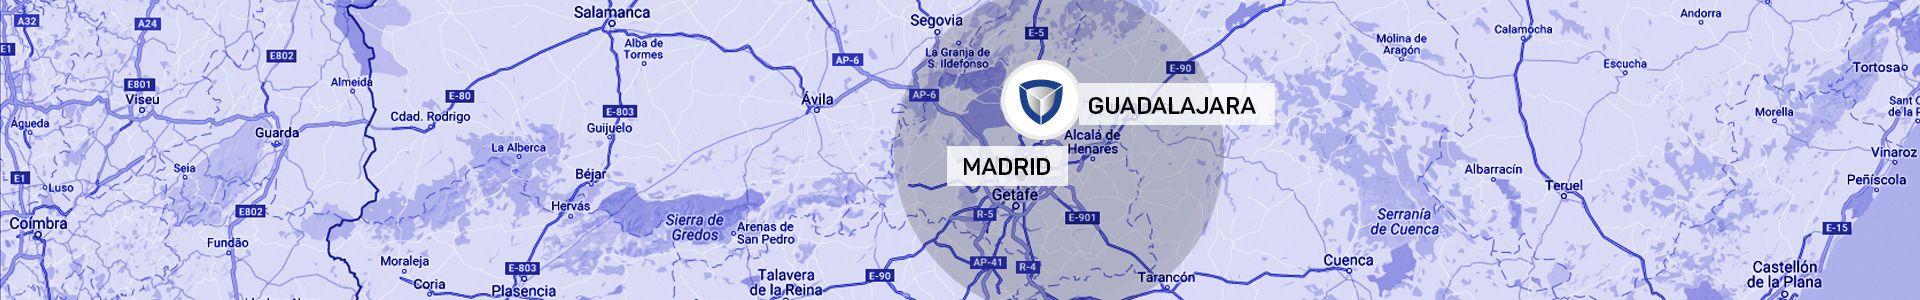 Zonas de Actuación: Madrid y Guadalajara. Contacto - Solicite información sin compromiso